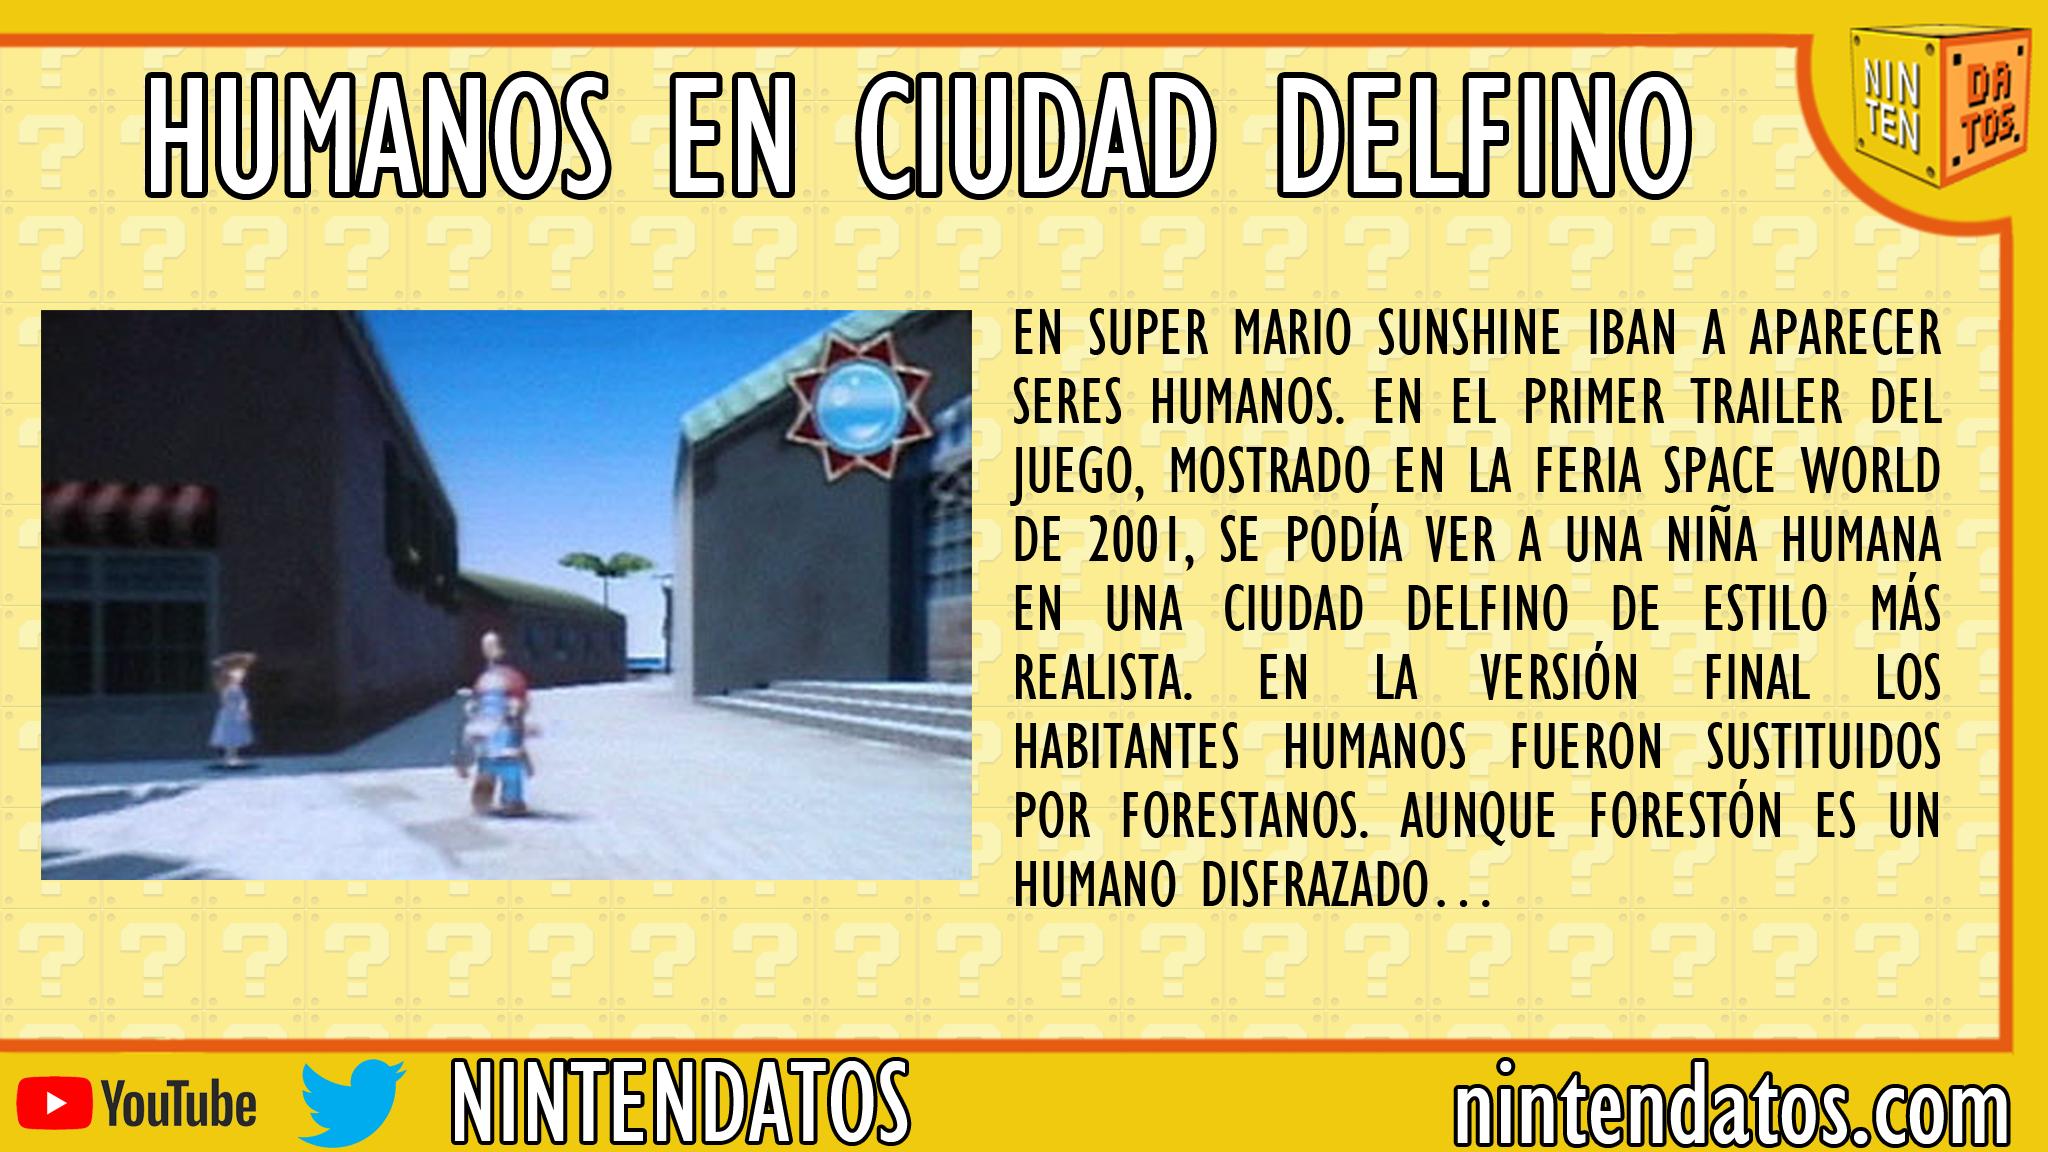 humanos en ciudad delfino